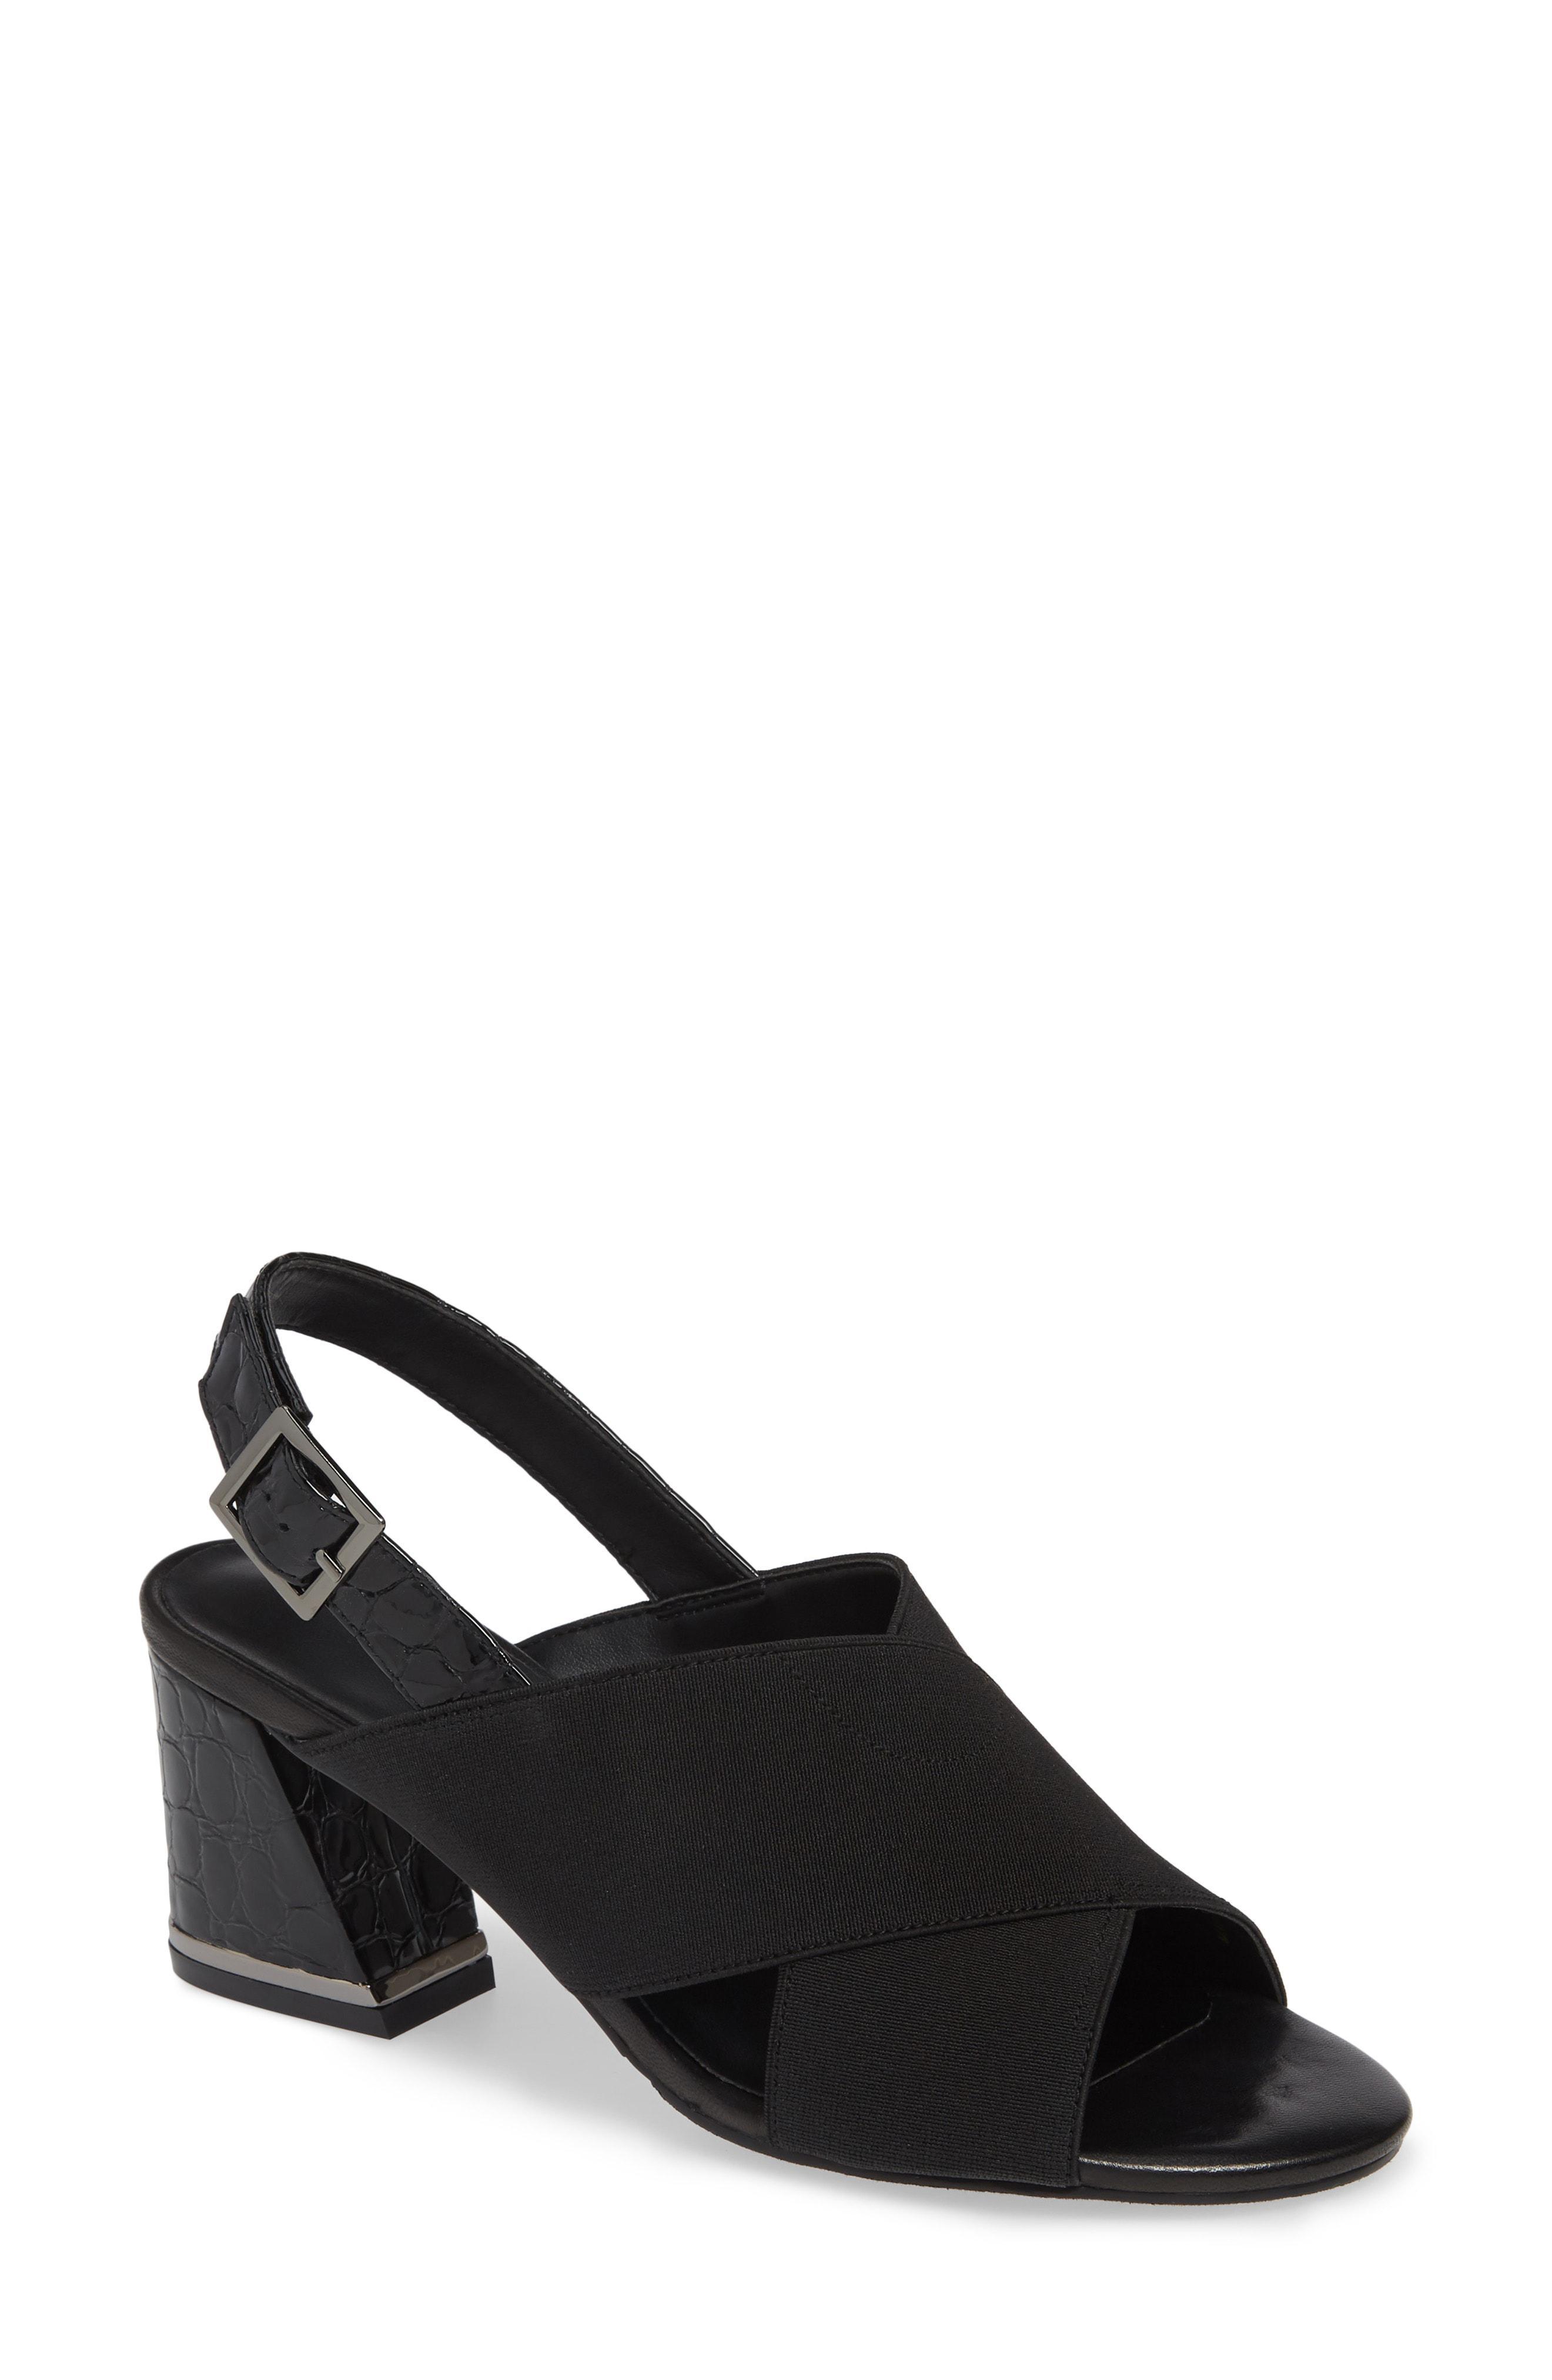 d9e733b97 Lyst - Vaneli Bamba Slingback Sandal in Black